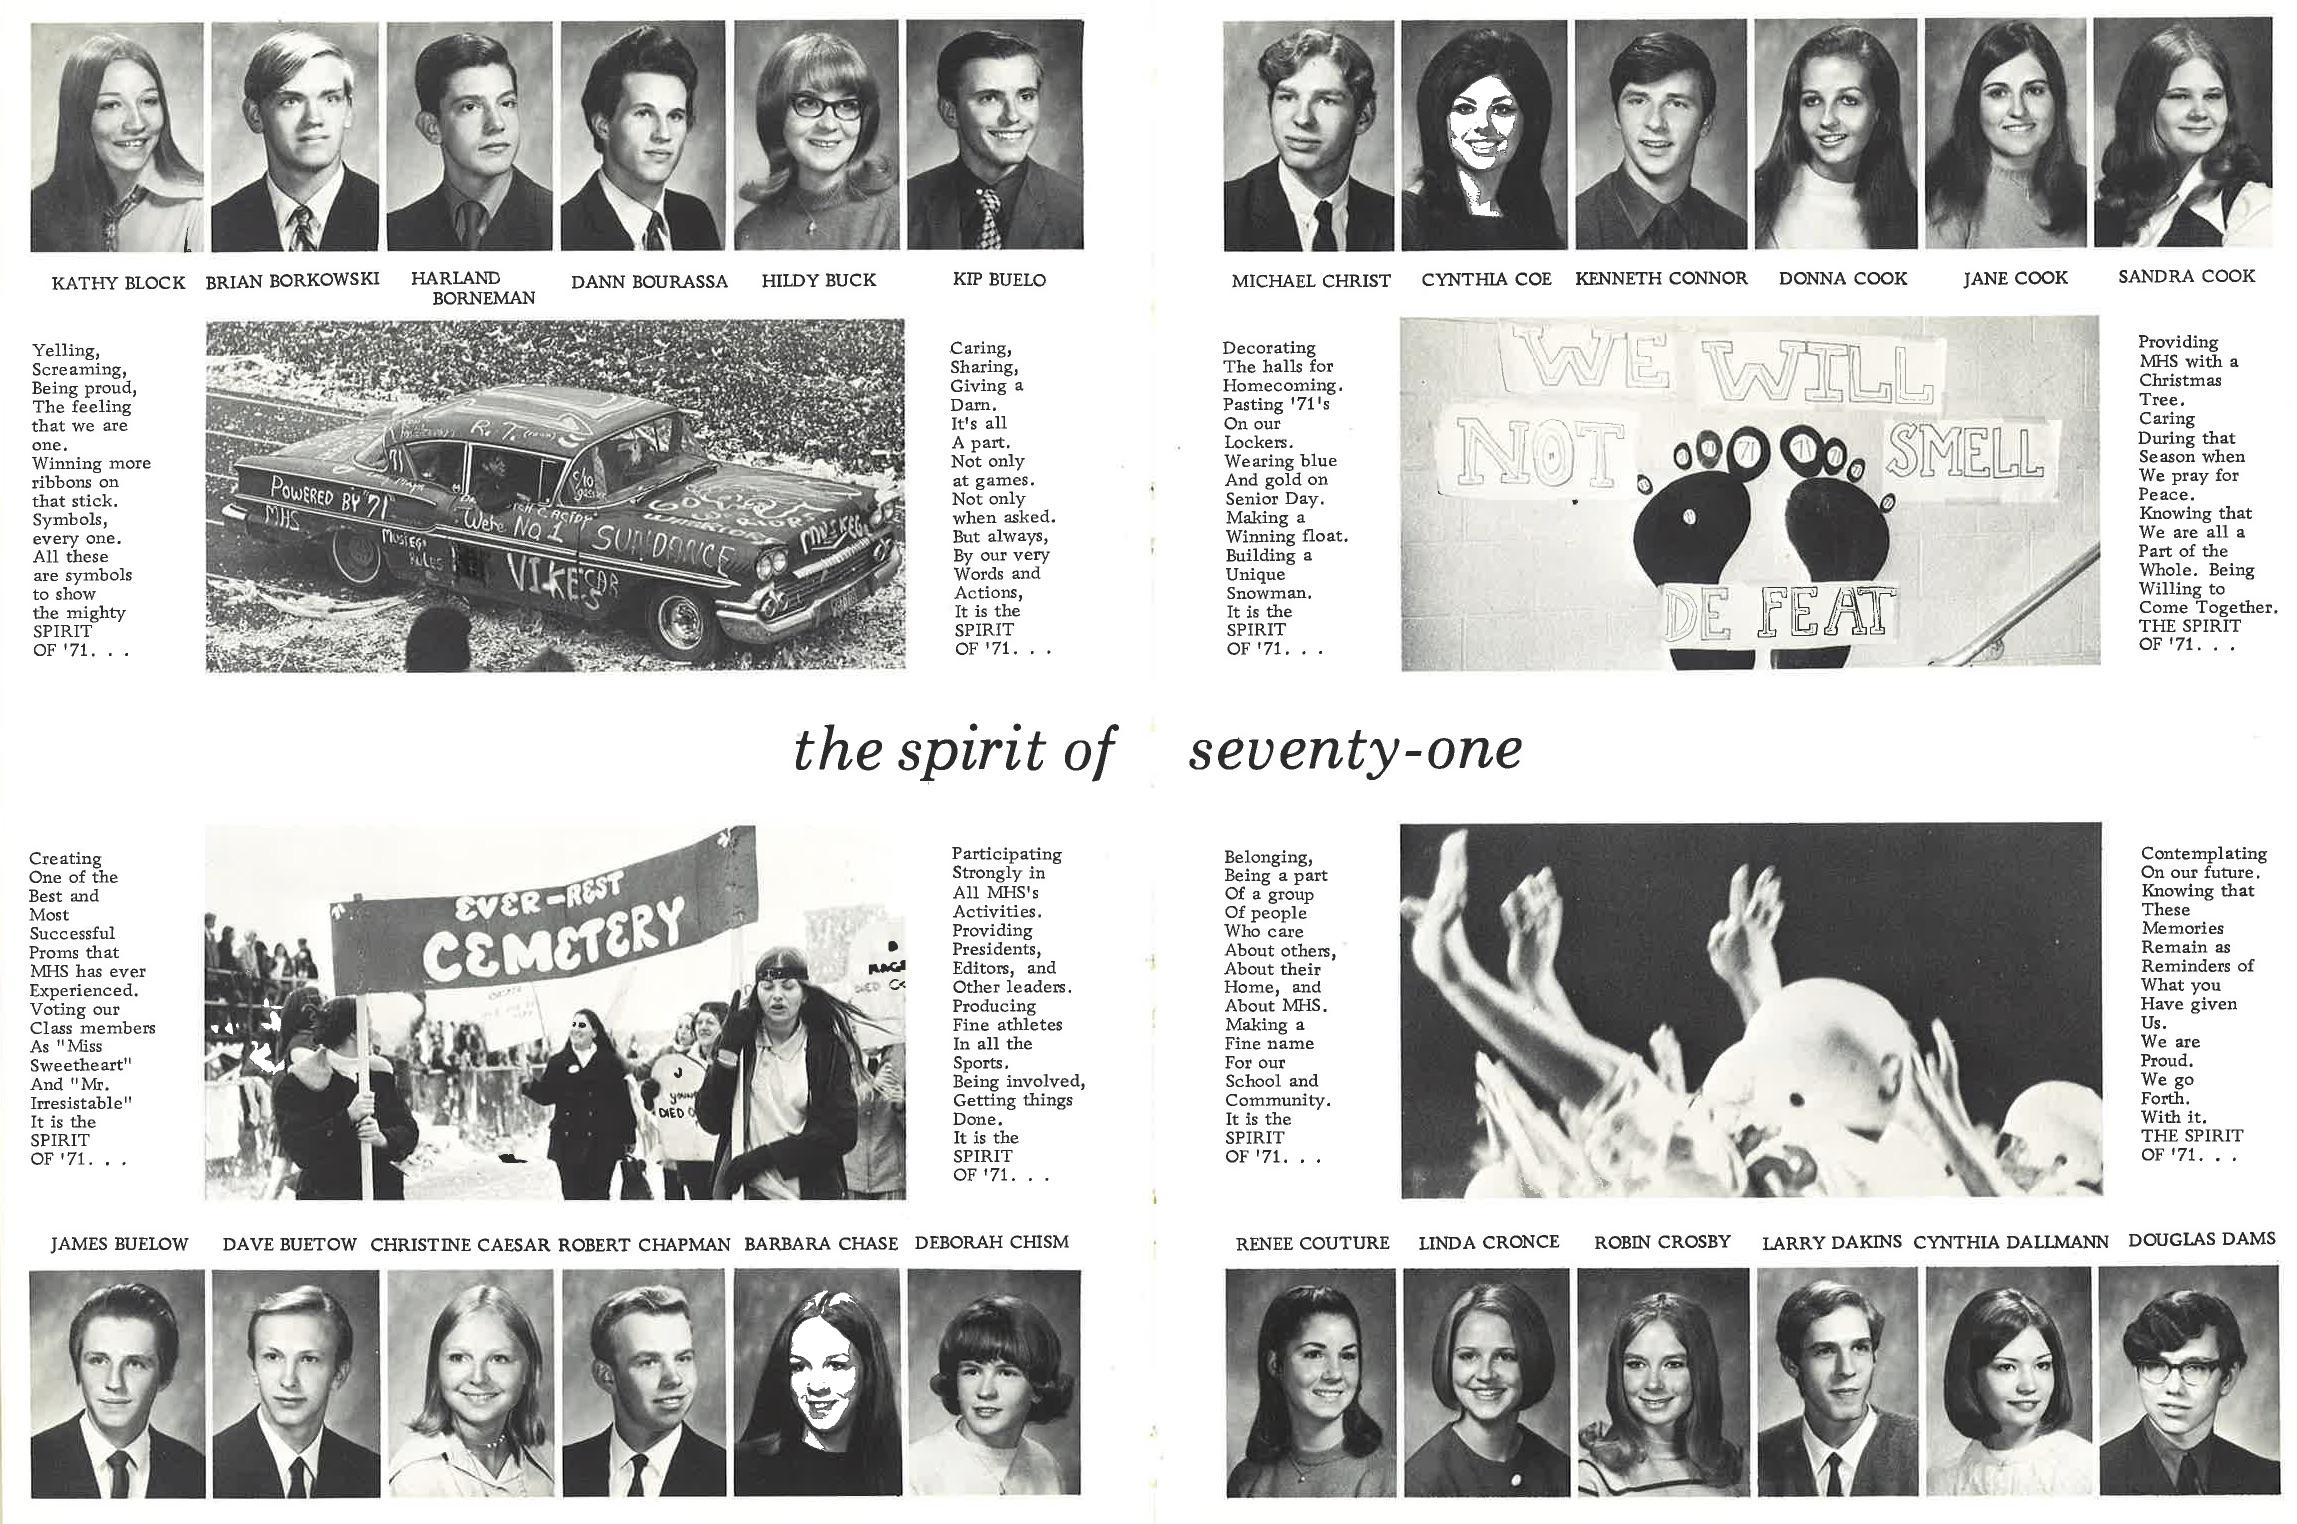 1971_Yearbook_122-123.jpg